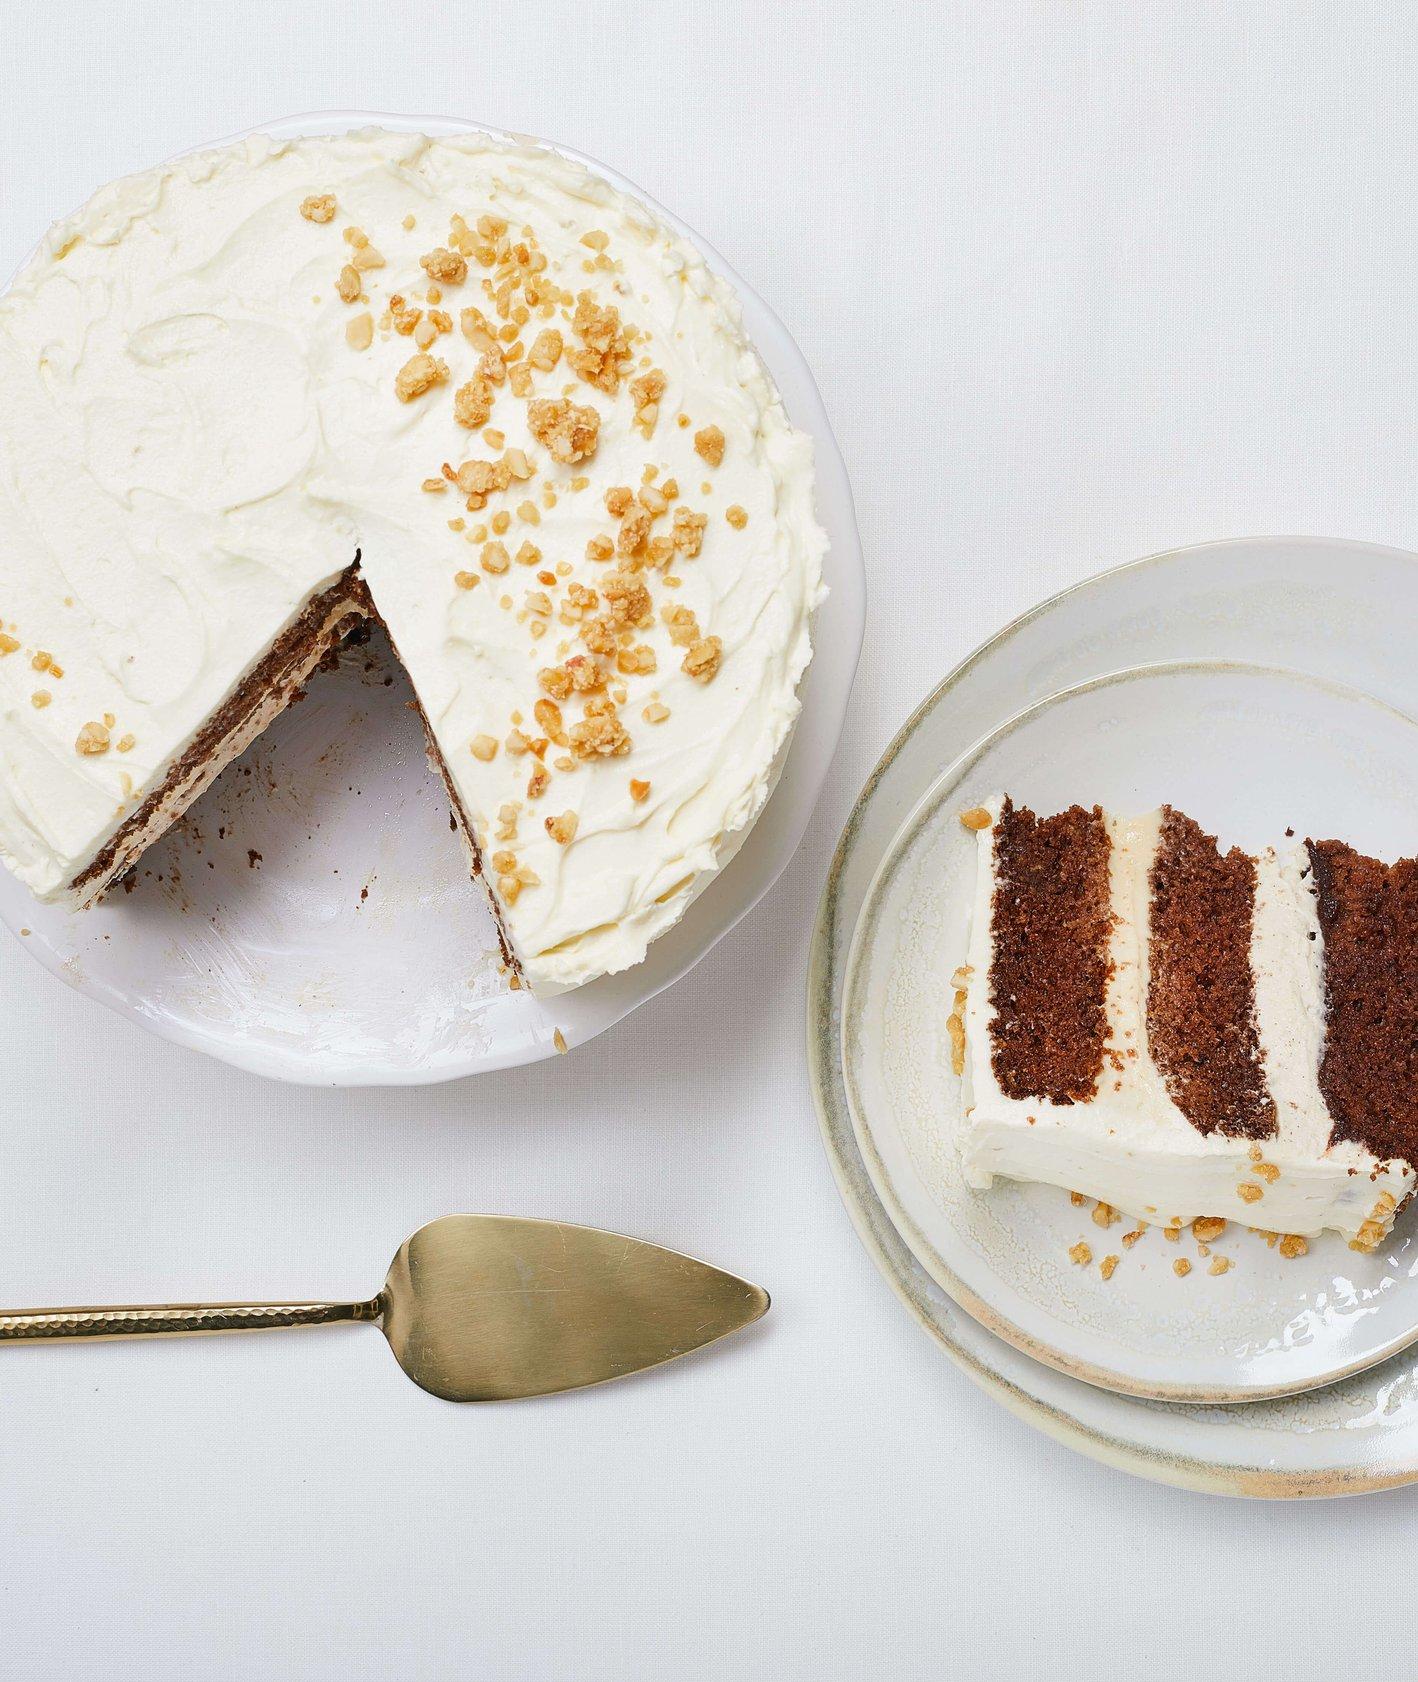 tort piernikowy z czekośłiwką, kremem orzechowym i kremem cynamonowym z orzechową posypką